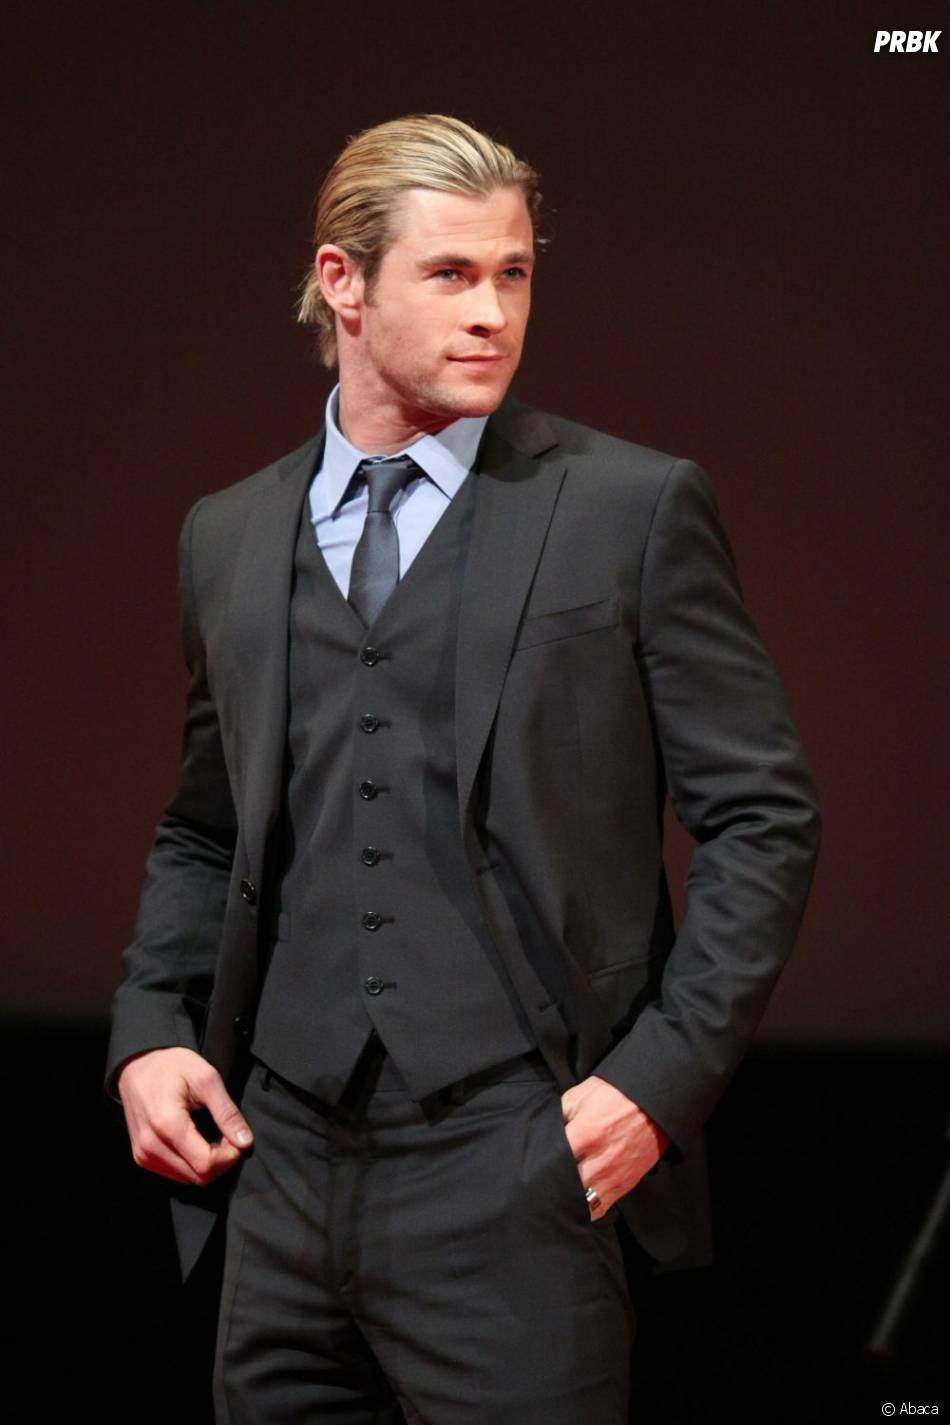 Chris Hemsworth alias Thor dans Avengers